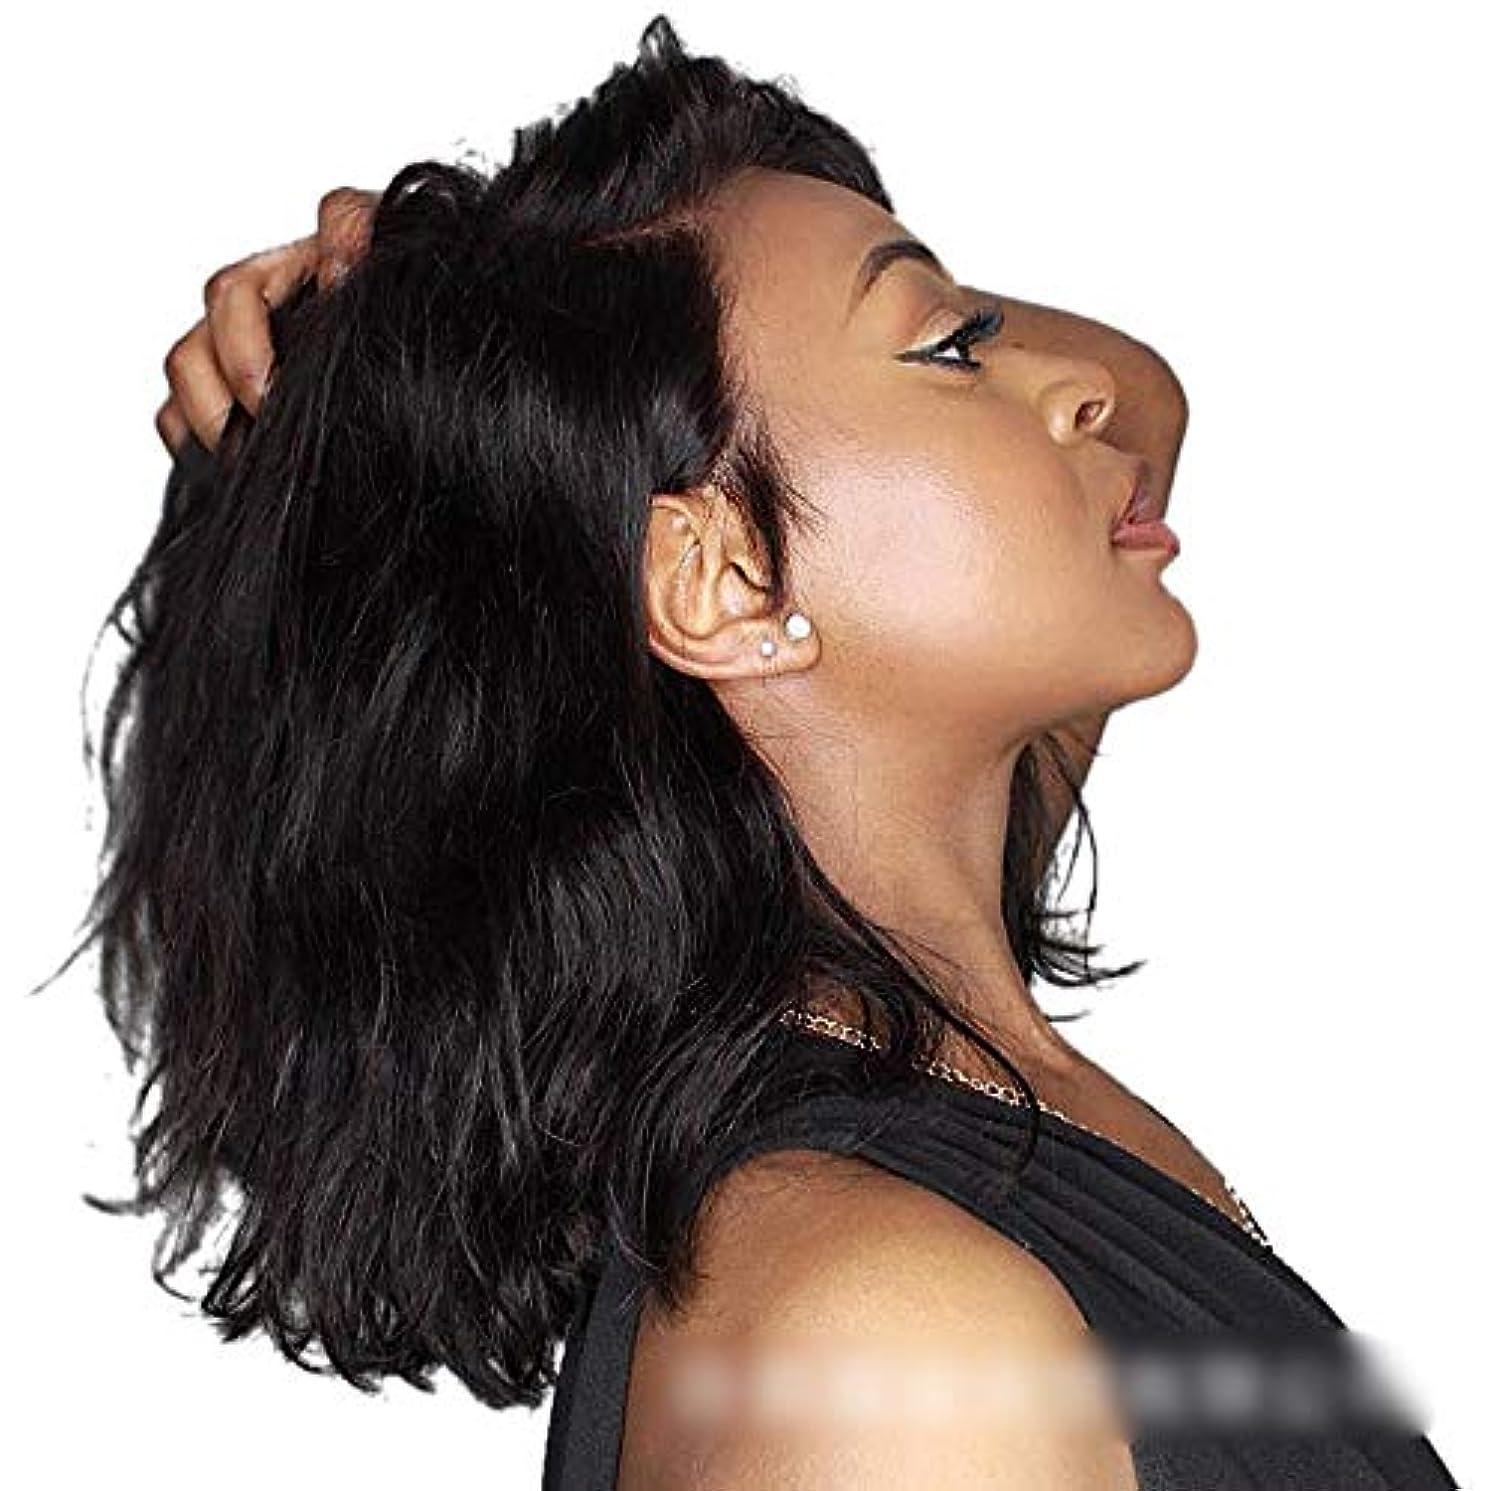 人に関する限り超えるコンパスMayalina フロントレースウィッグナチュラルカーリーウィッグバージン人間の髪かつらプレ摘み取ら自然な生え際(8